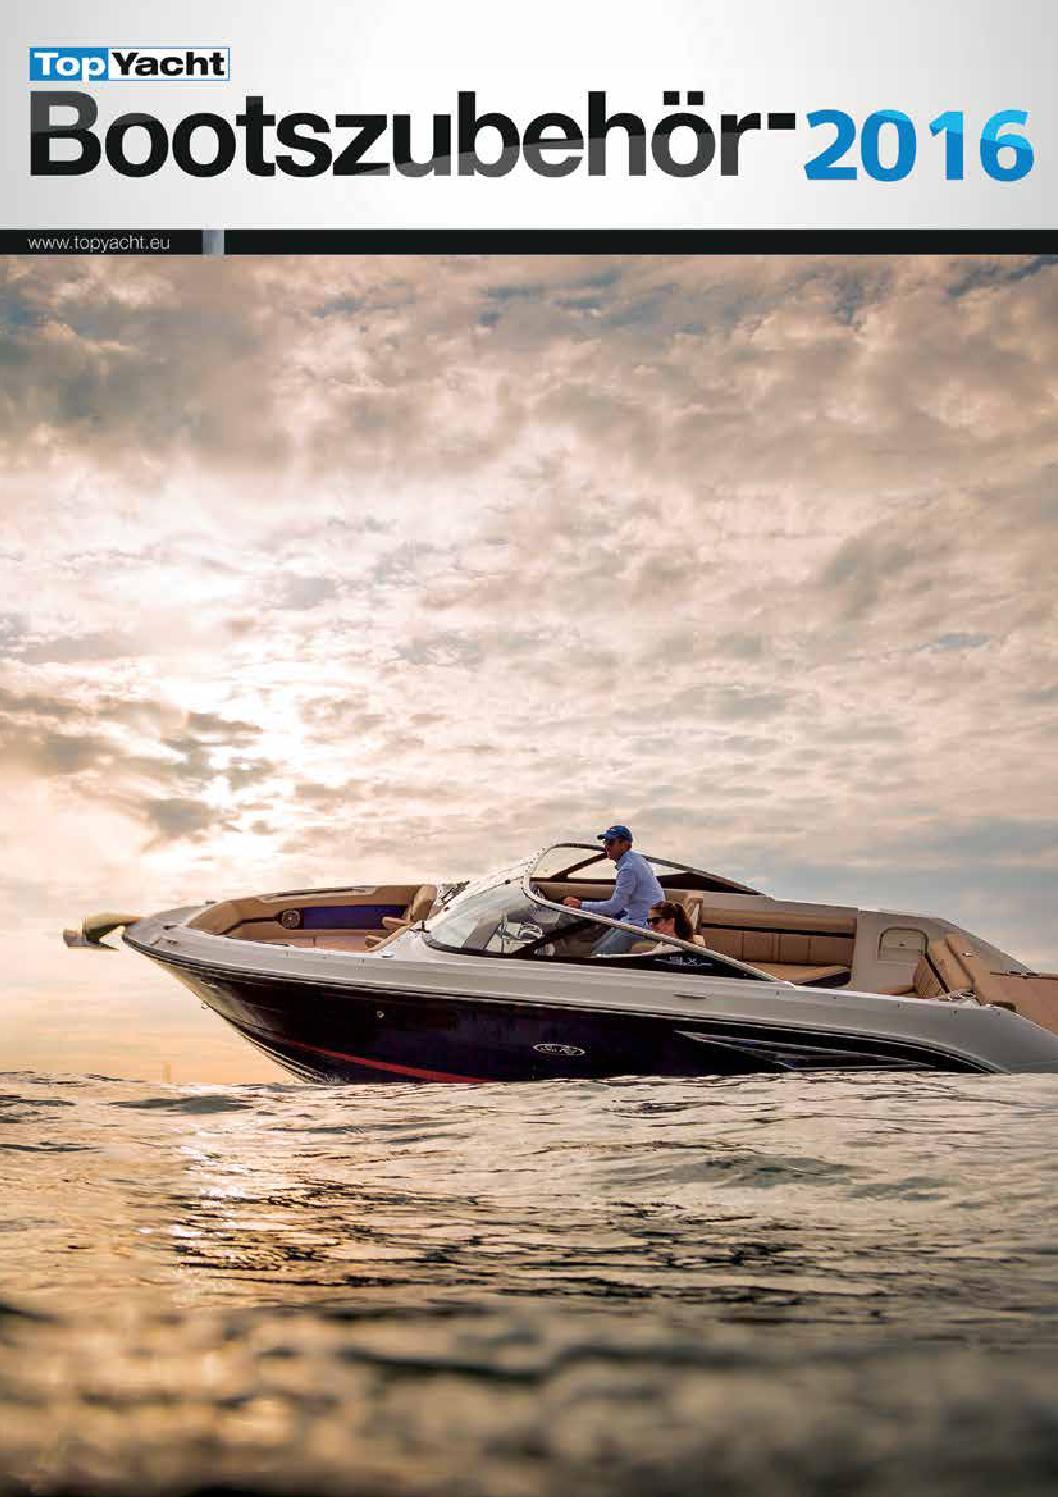 PVC-Luftventil 6-Nut Schraubenschlüssel Zubehör Für Schlauchboot Kajak Kanu Neu